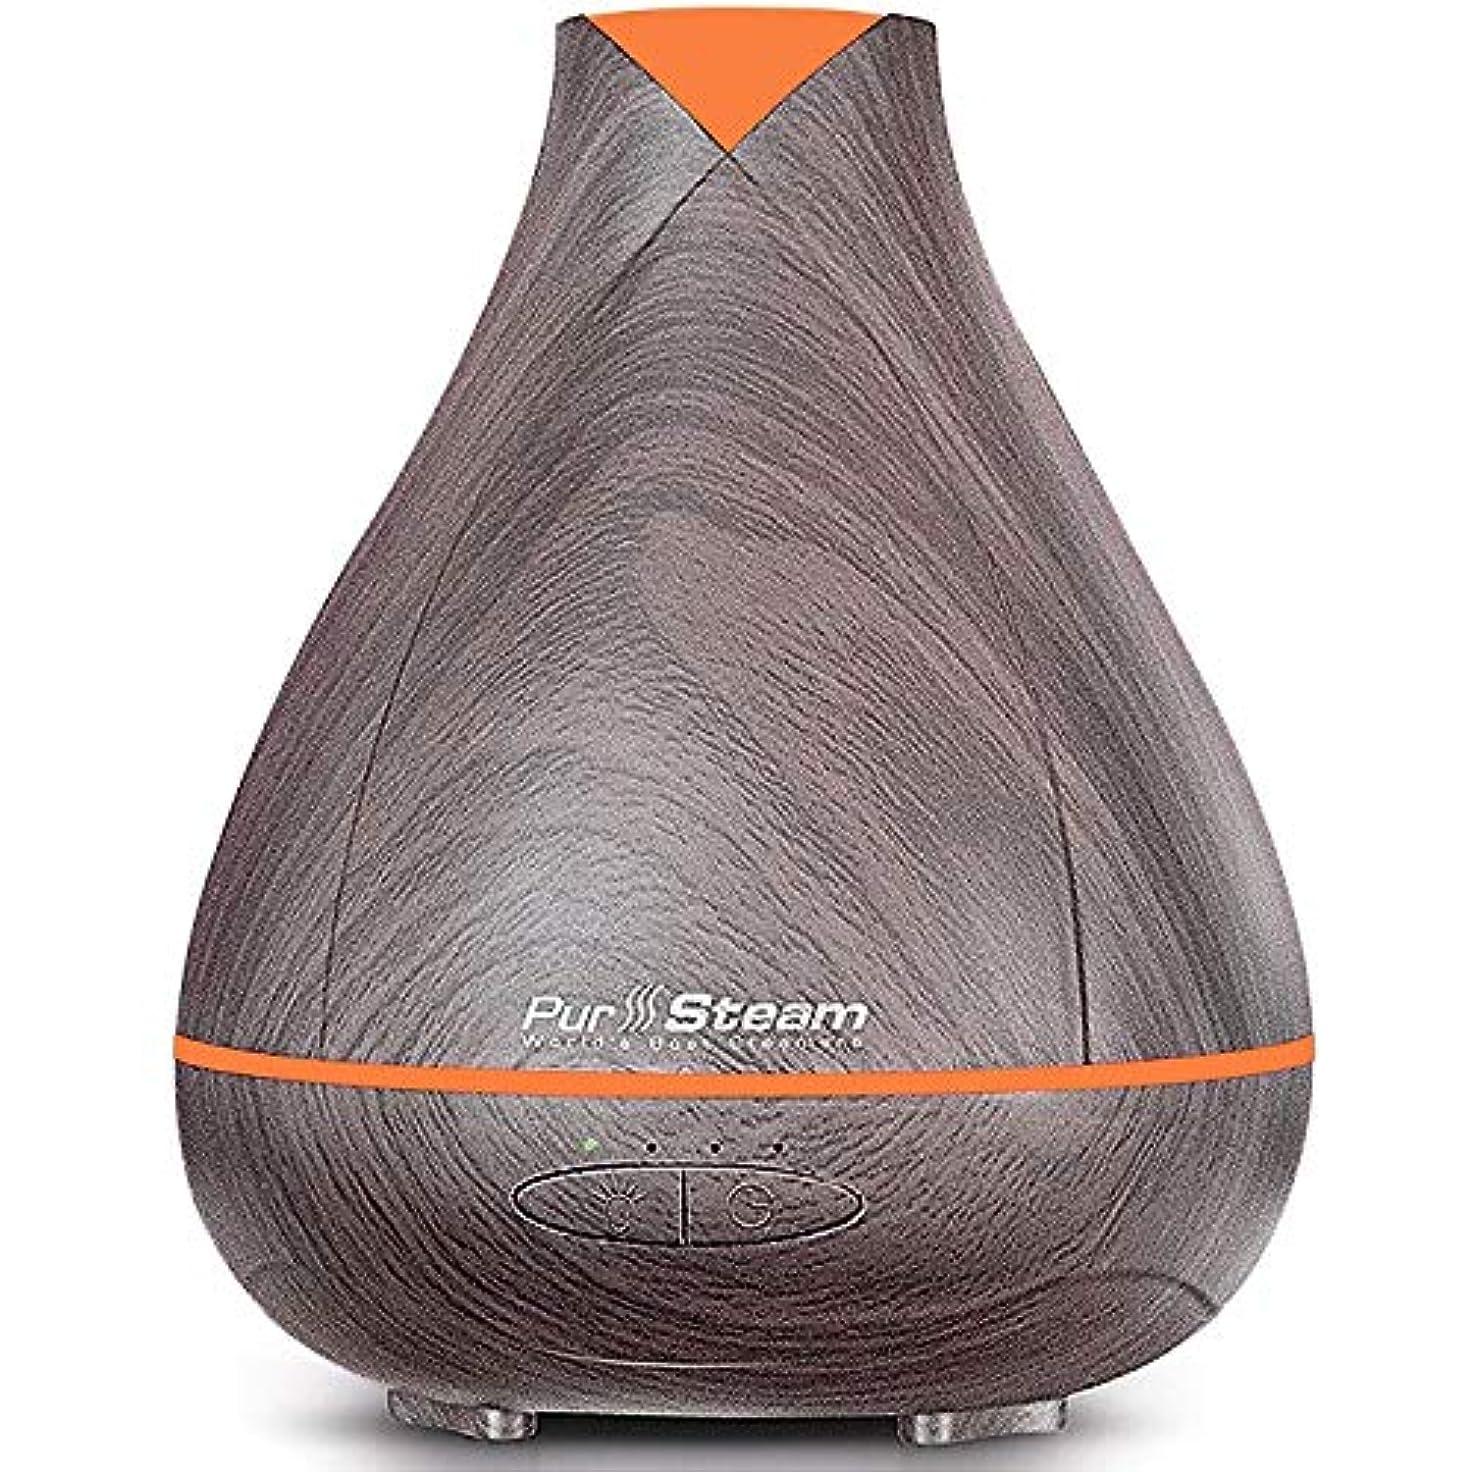 ハンサム移民分類するPurSteam Essential Oil Diffuser, Wood Grain Aromatherapy Diffuser Ultrasonic Cool Mist Humidifier with Color LED...